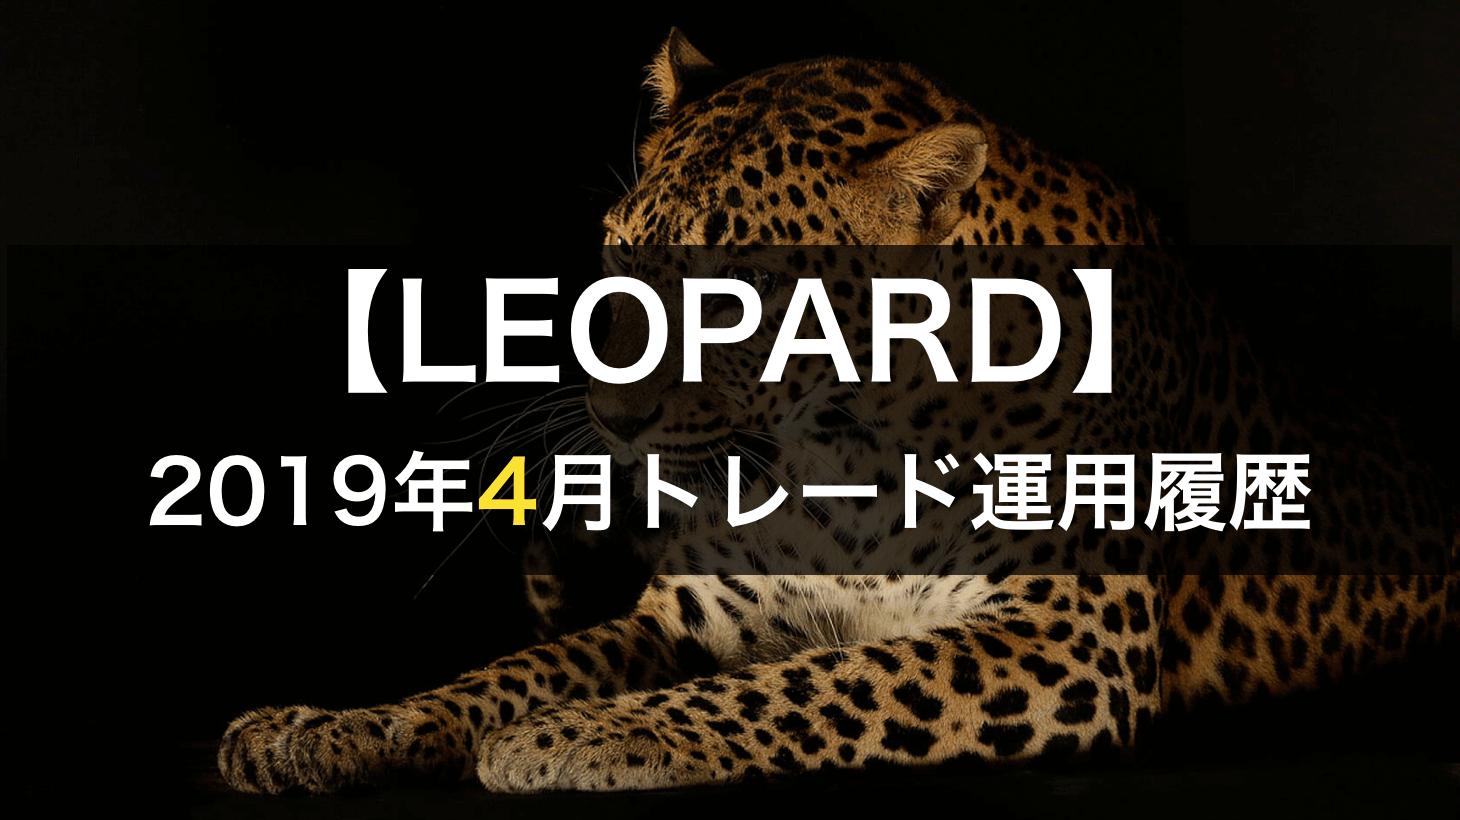 2019年4月のLEOPARD自動売買結果